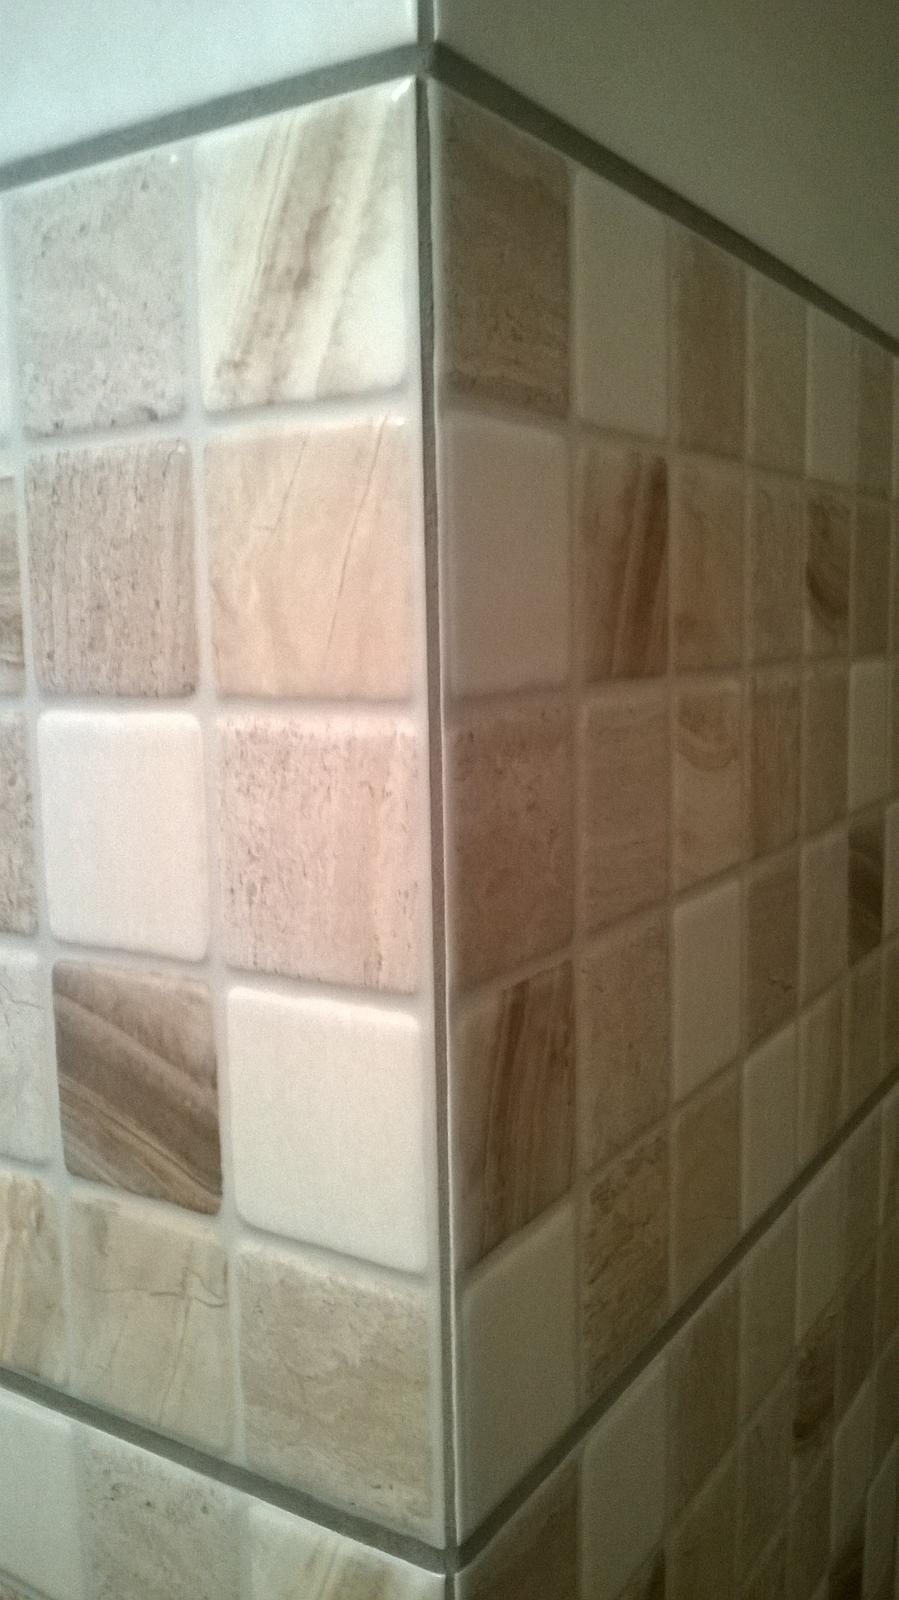 Stavba pasivního domu - Detail kamenického rohu. Líbí se nám o 100% víc, než nevzhledné krycí lišty.